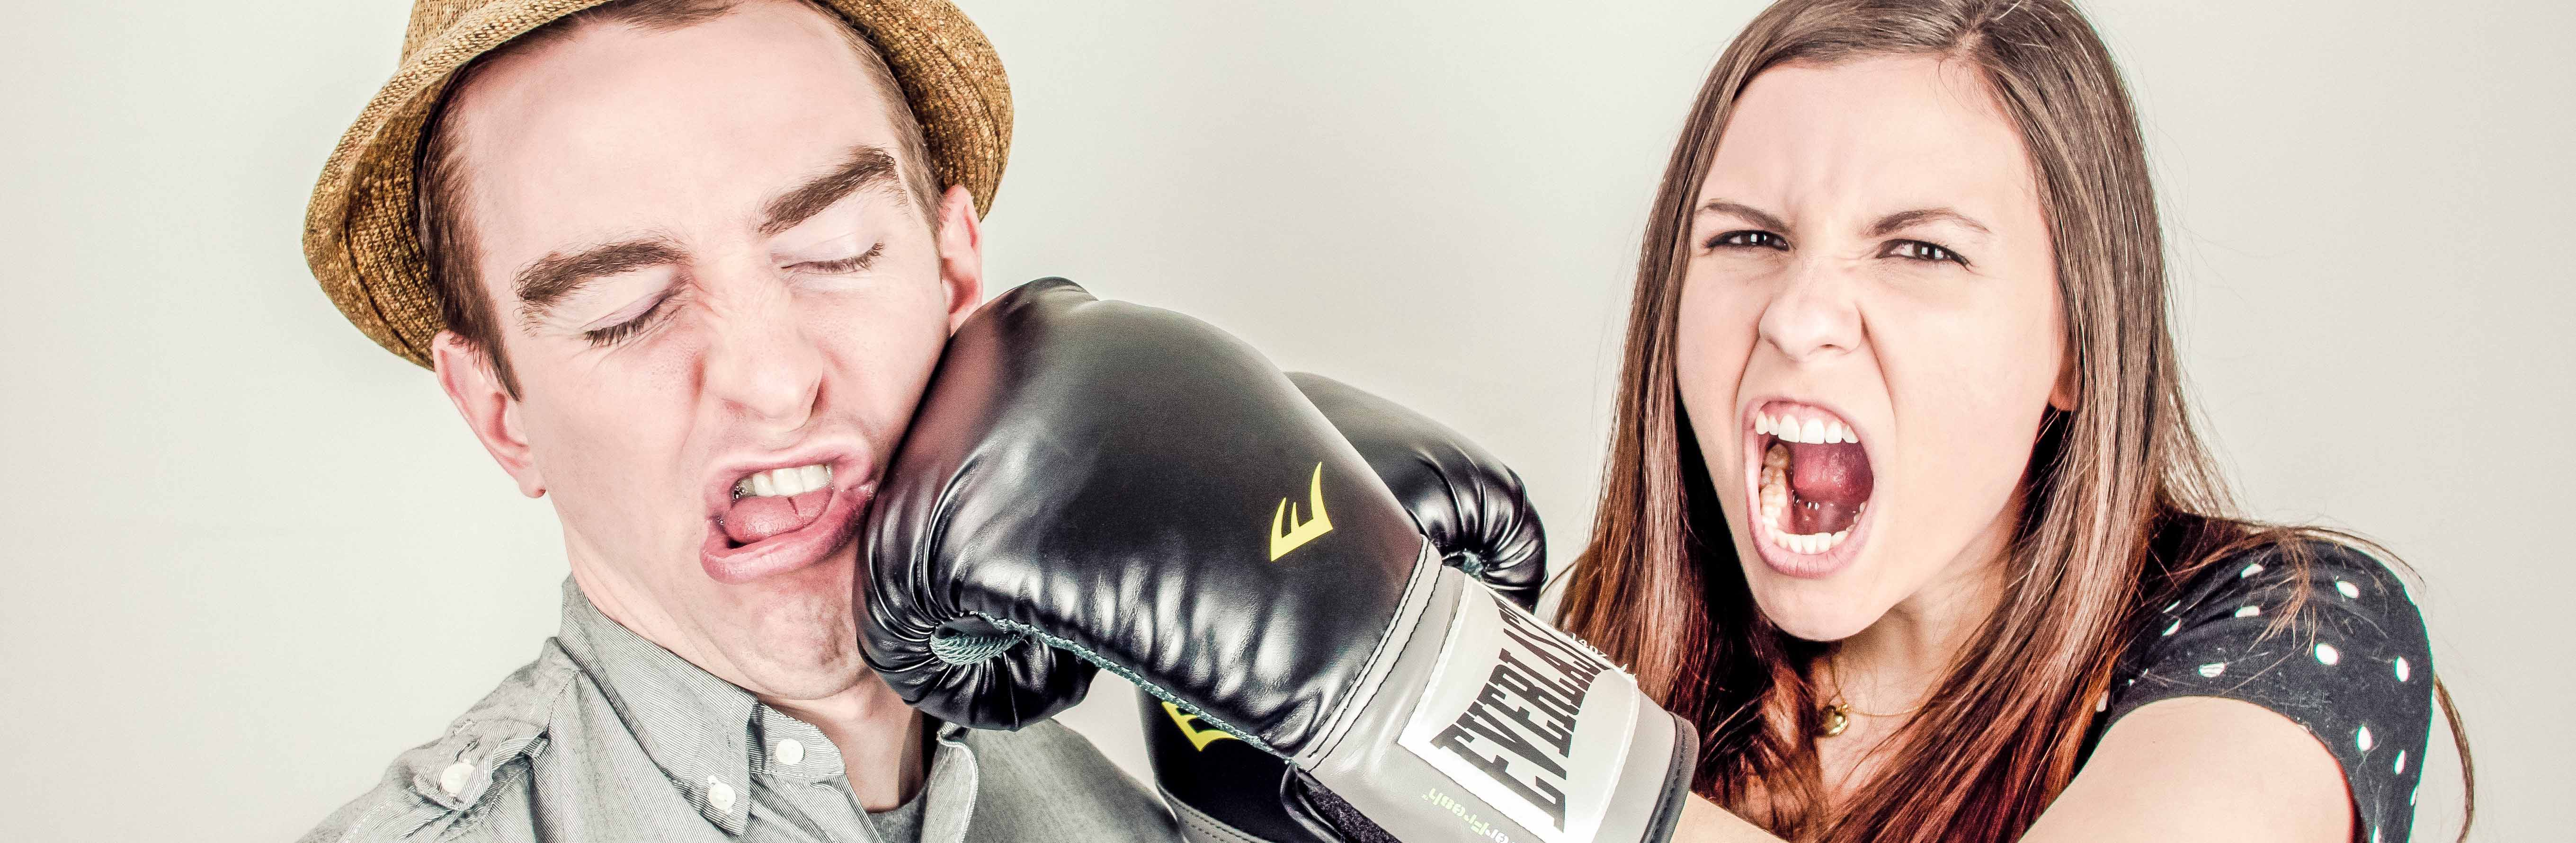 Jij tegen jezelf in de ring - AAB Training & Opleiding